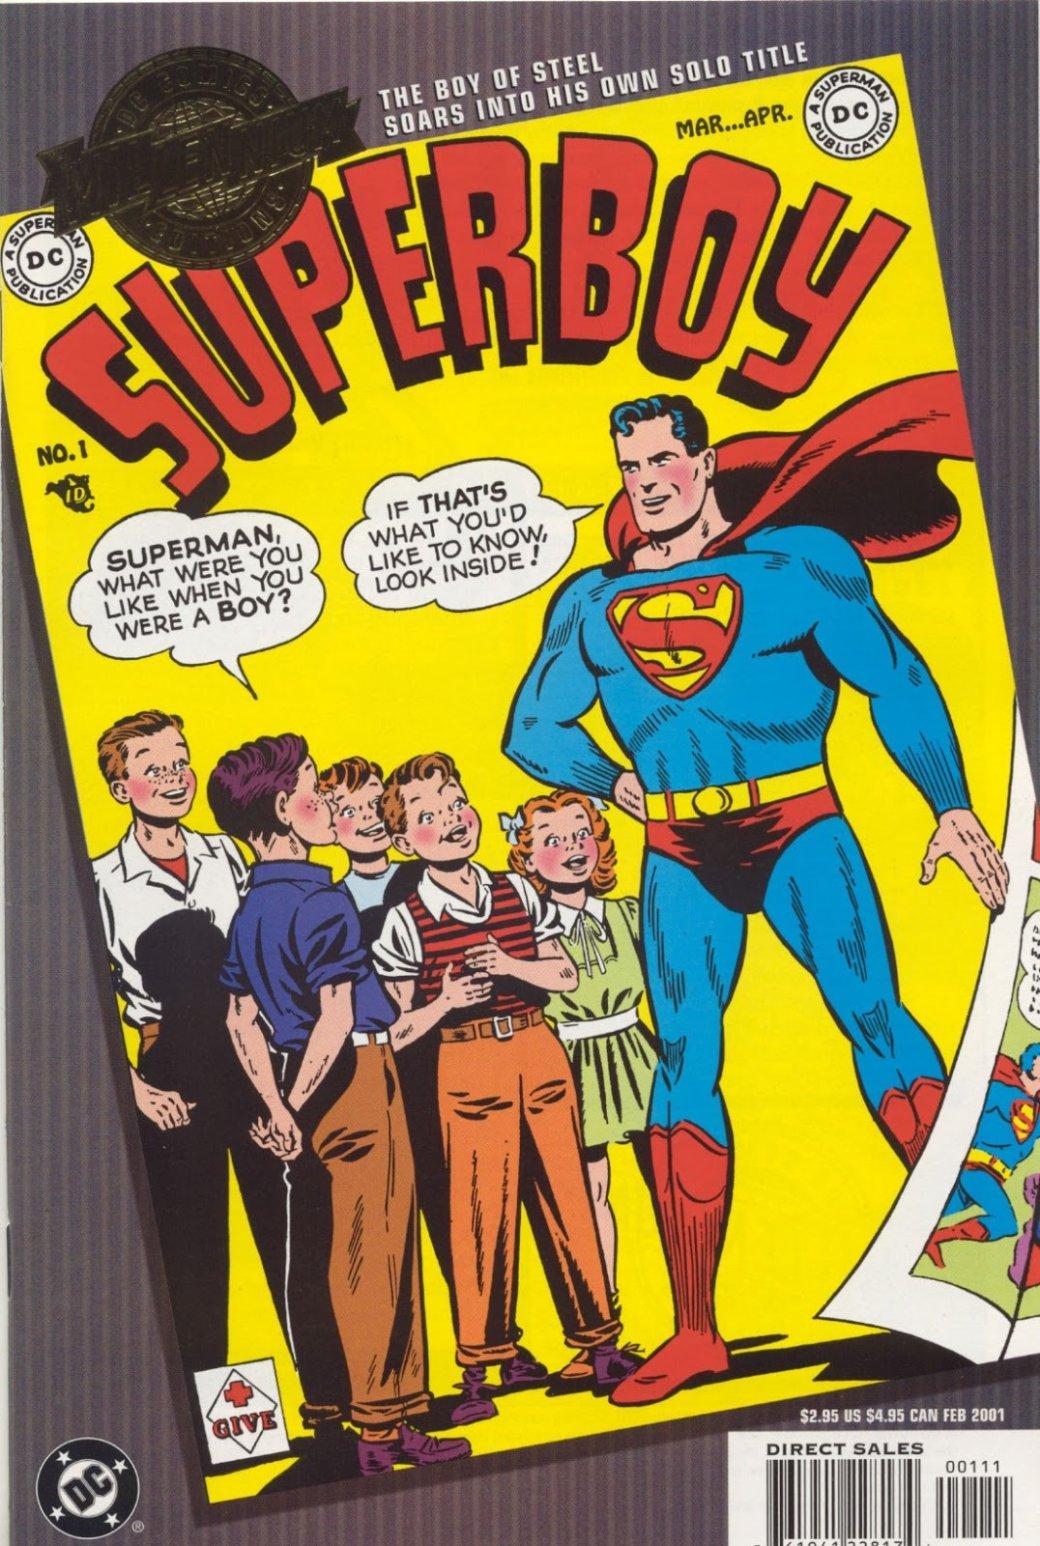 История Супермена иэволюция его образа вкомиксах   Канобу - Изображение 9388